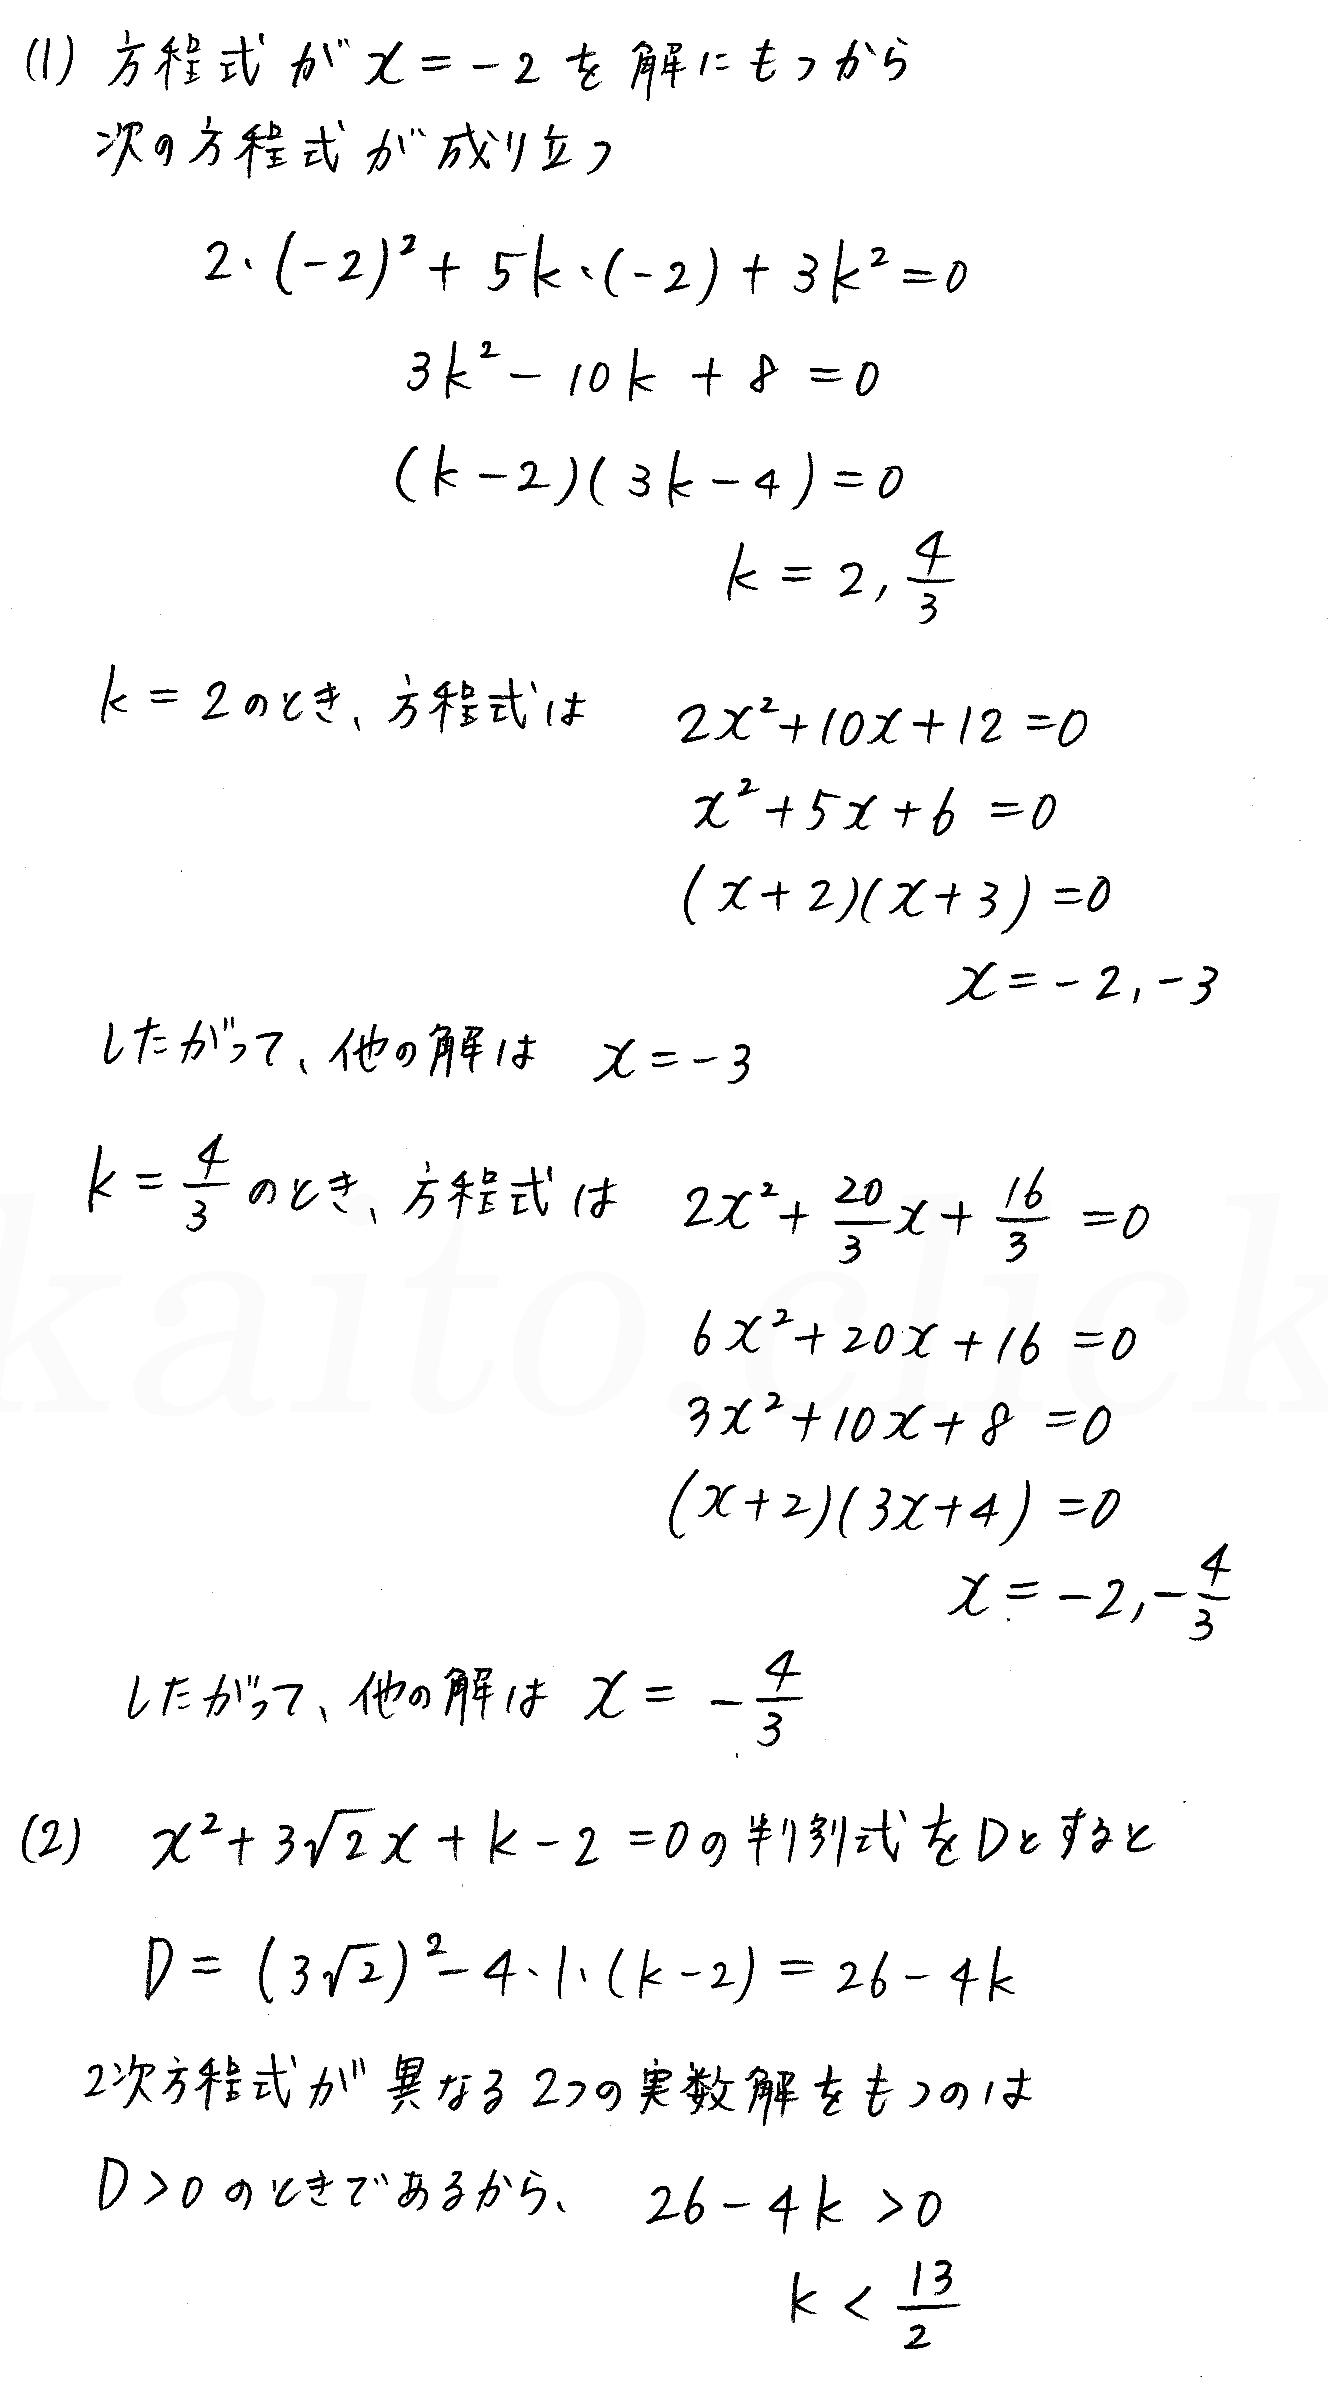 クリアー数学1-203解答